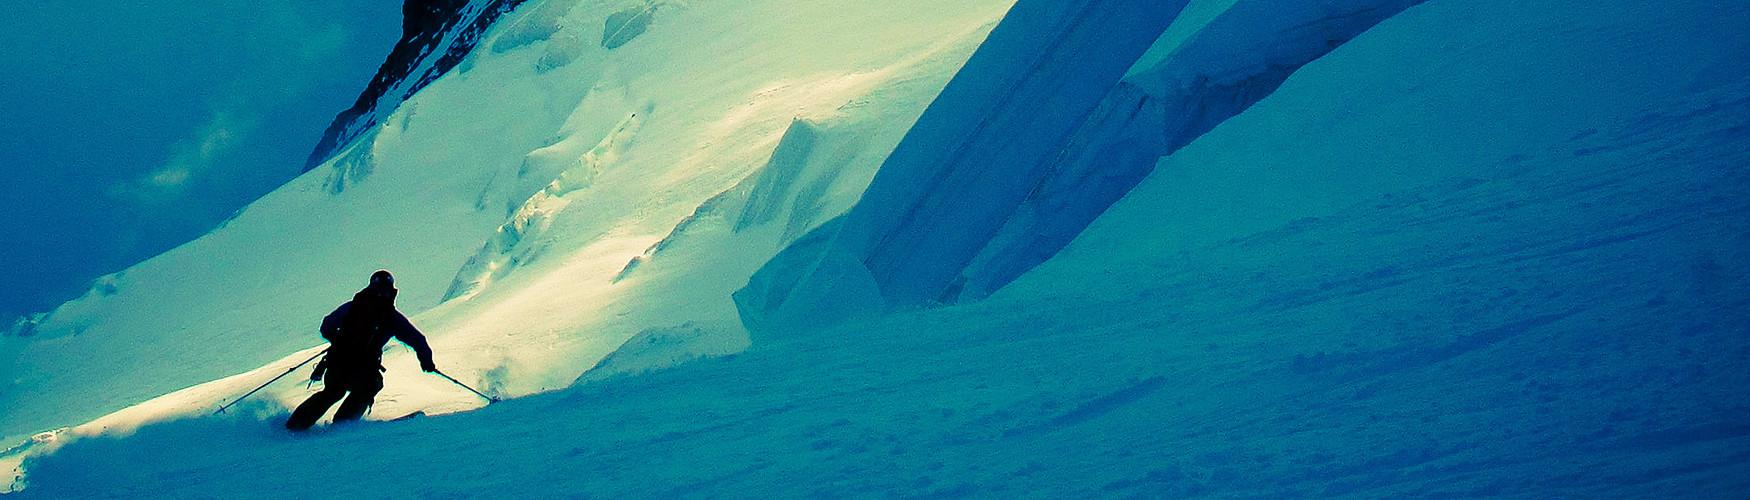 Skidurchquerung Dauphine